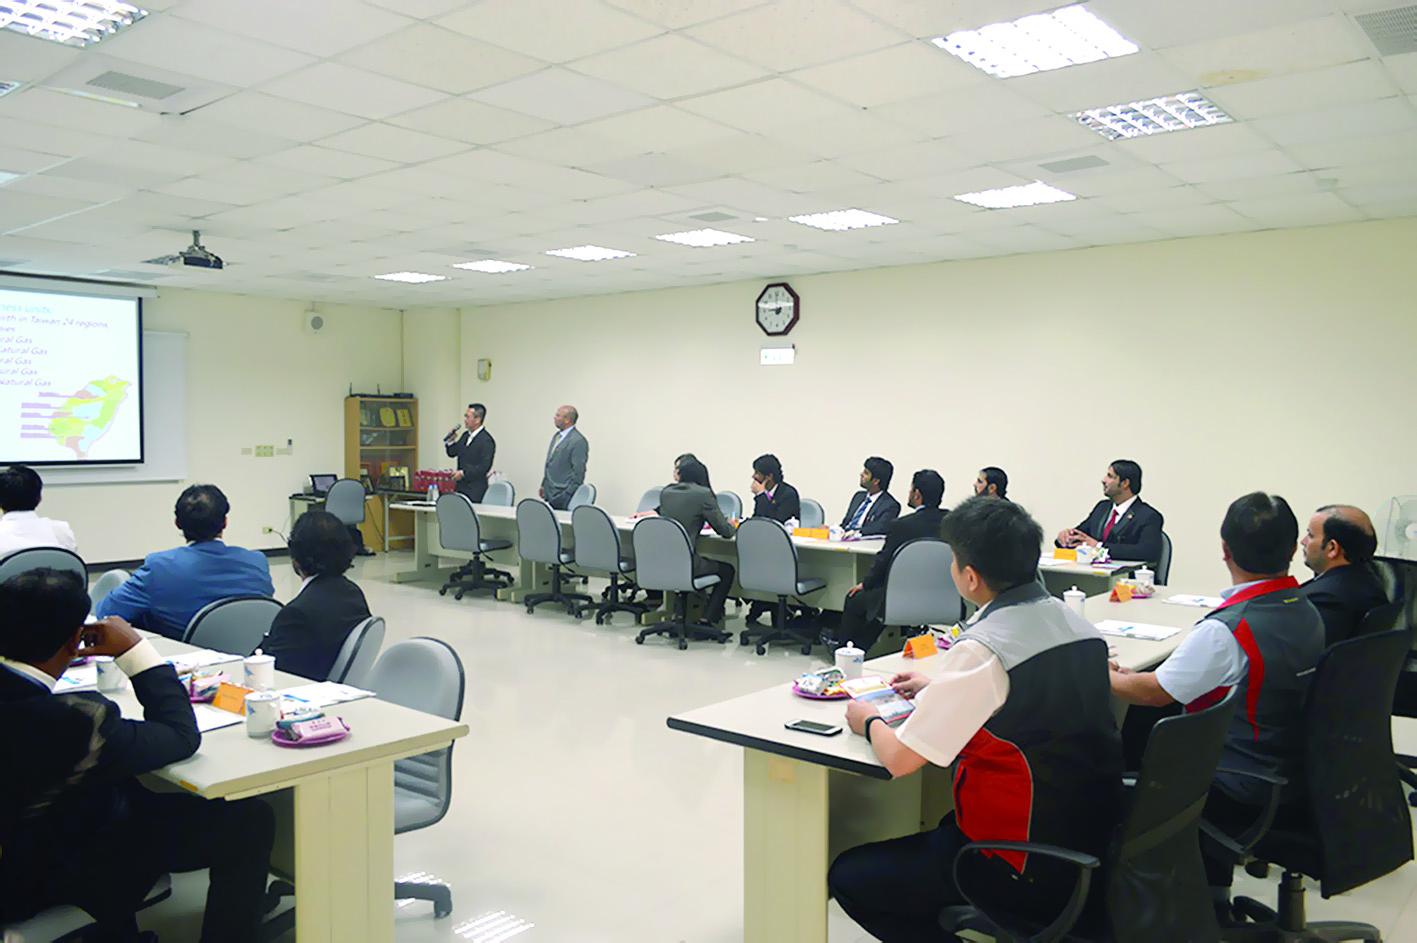 وفد تجاري عماني يطلع على تجربة تايوان في مجال الاستزراع والصناعة